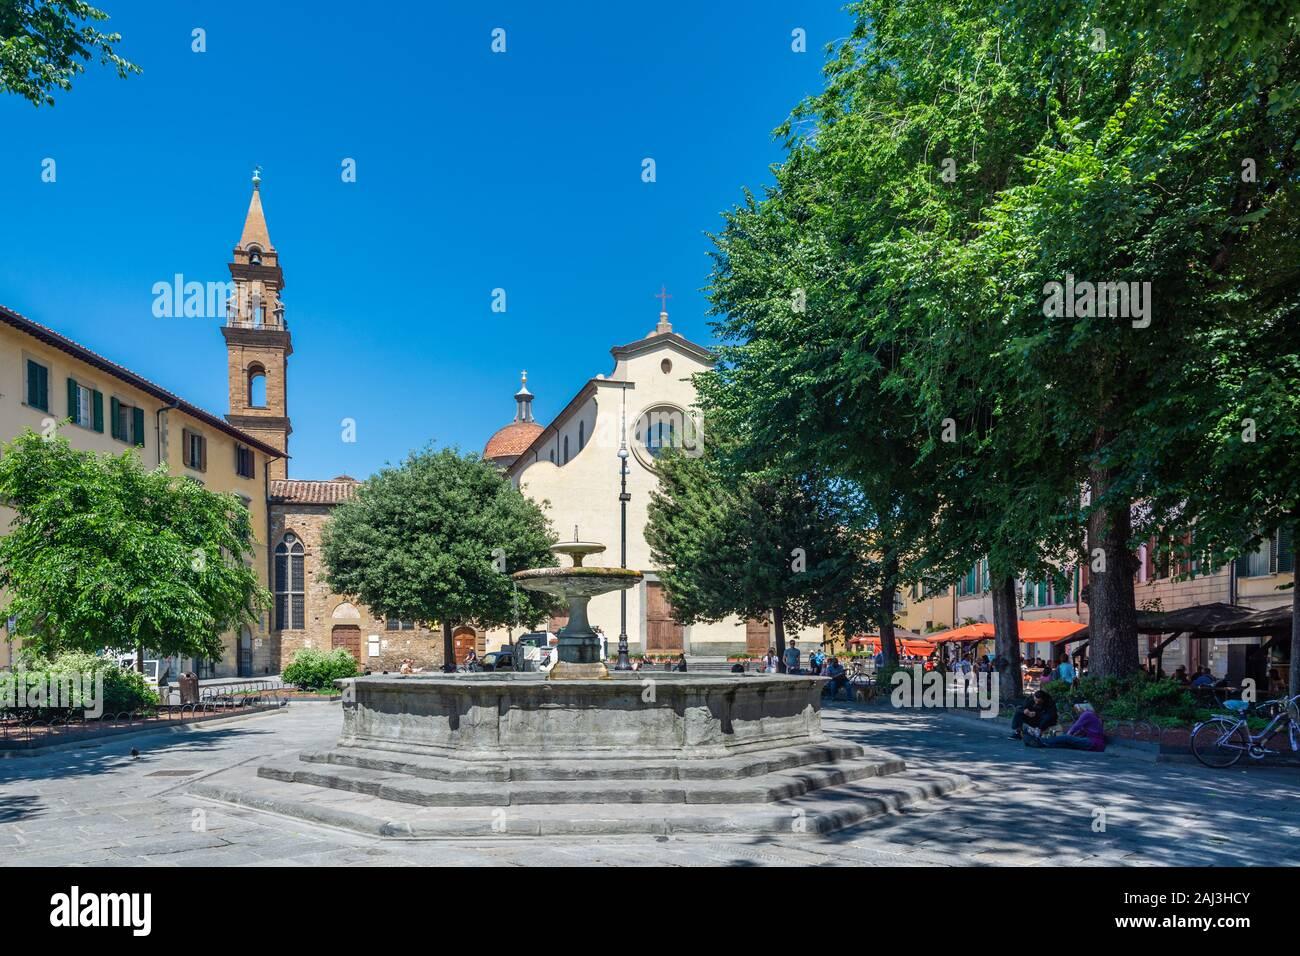 Firenze, Italia - Giugno 5, 2019 : La Basilica di Santo Spirito (Basilica dello Spirito Santo) è una chiesa verso la piazza con lo stesso nome. L'int Foto Stock